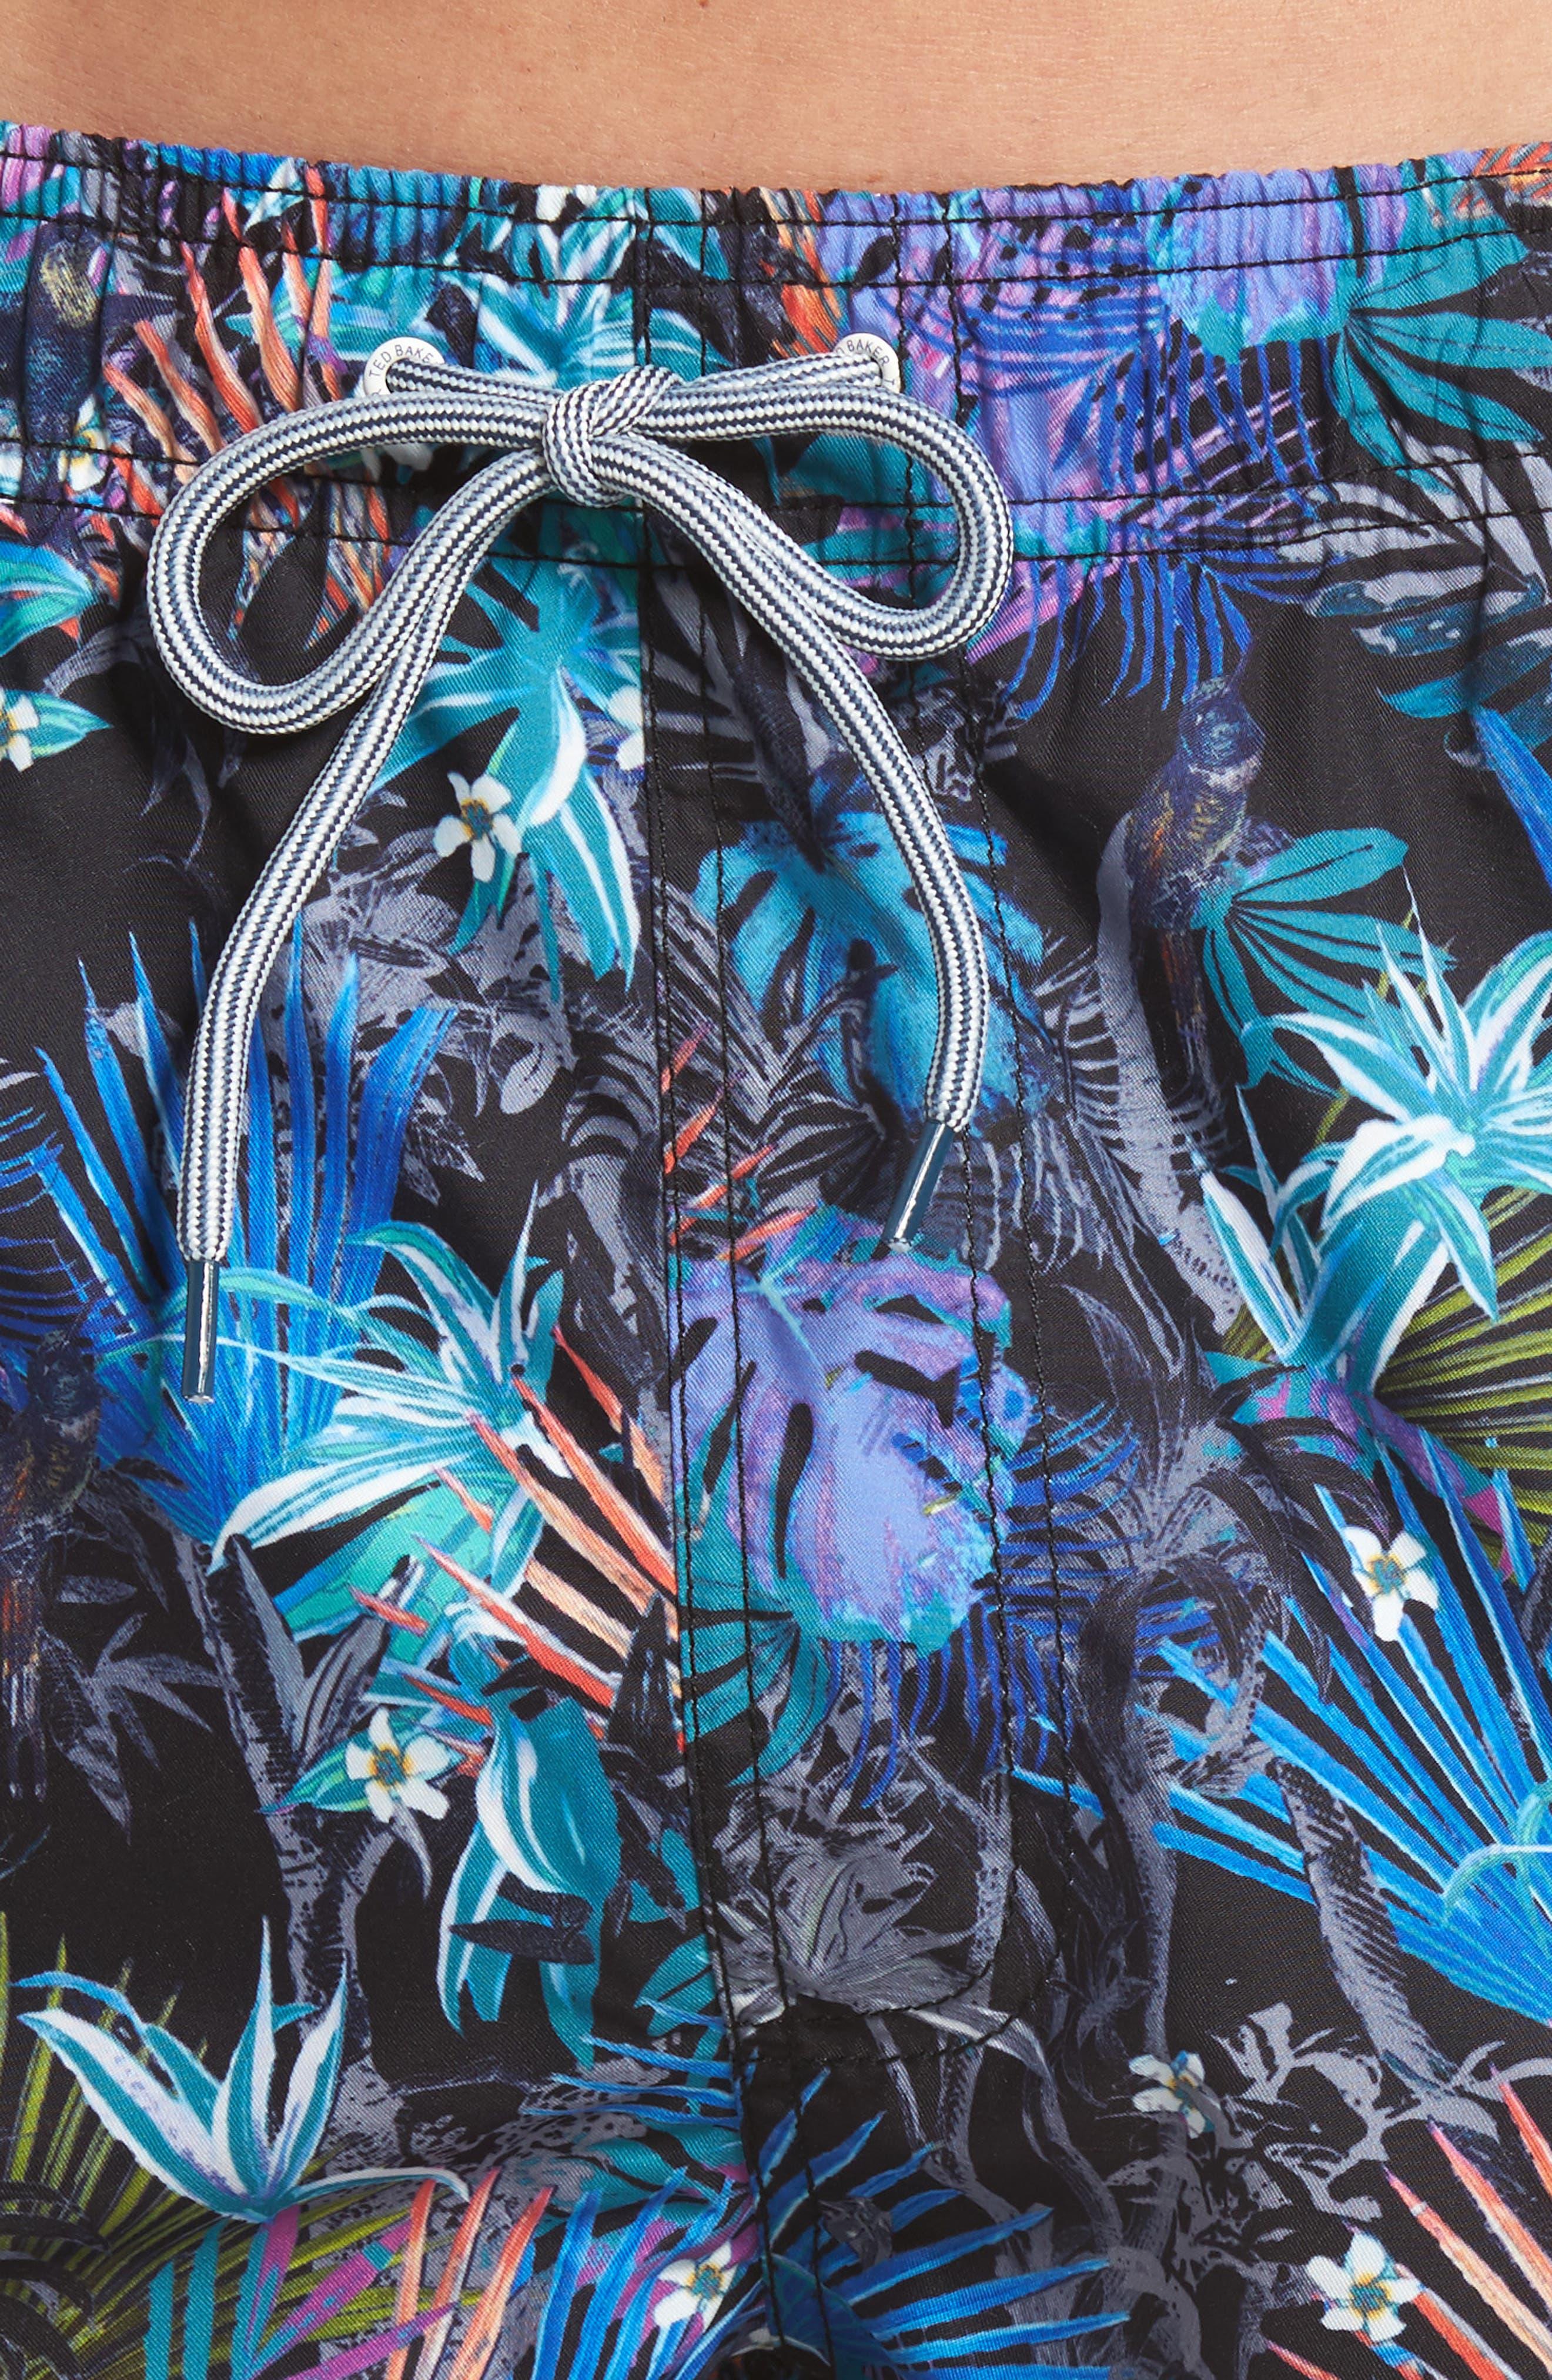 Jungle Floral Print Swim Trunks,                             Alternate thumbnail 4, color,                             Black